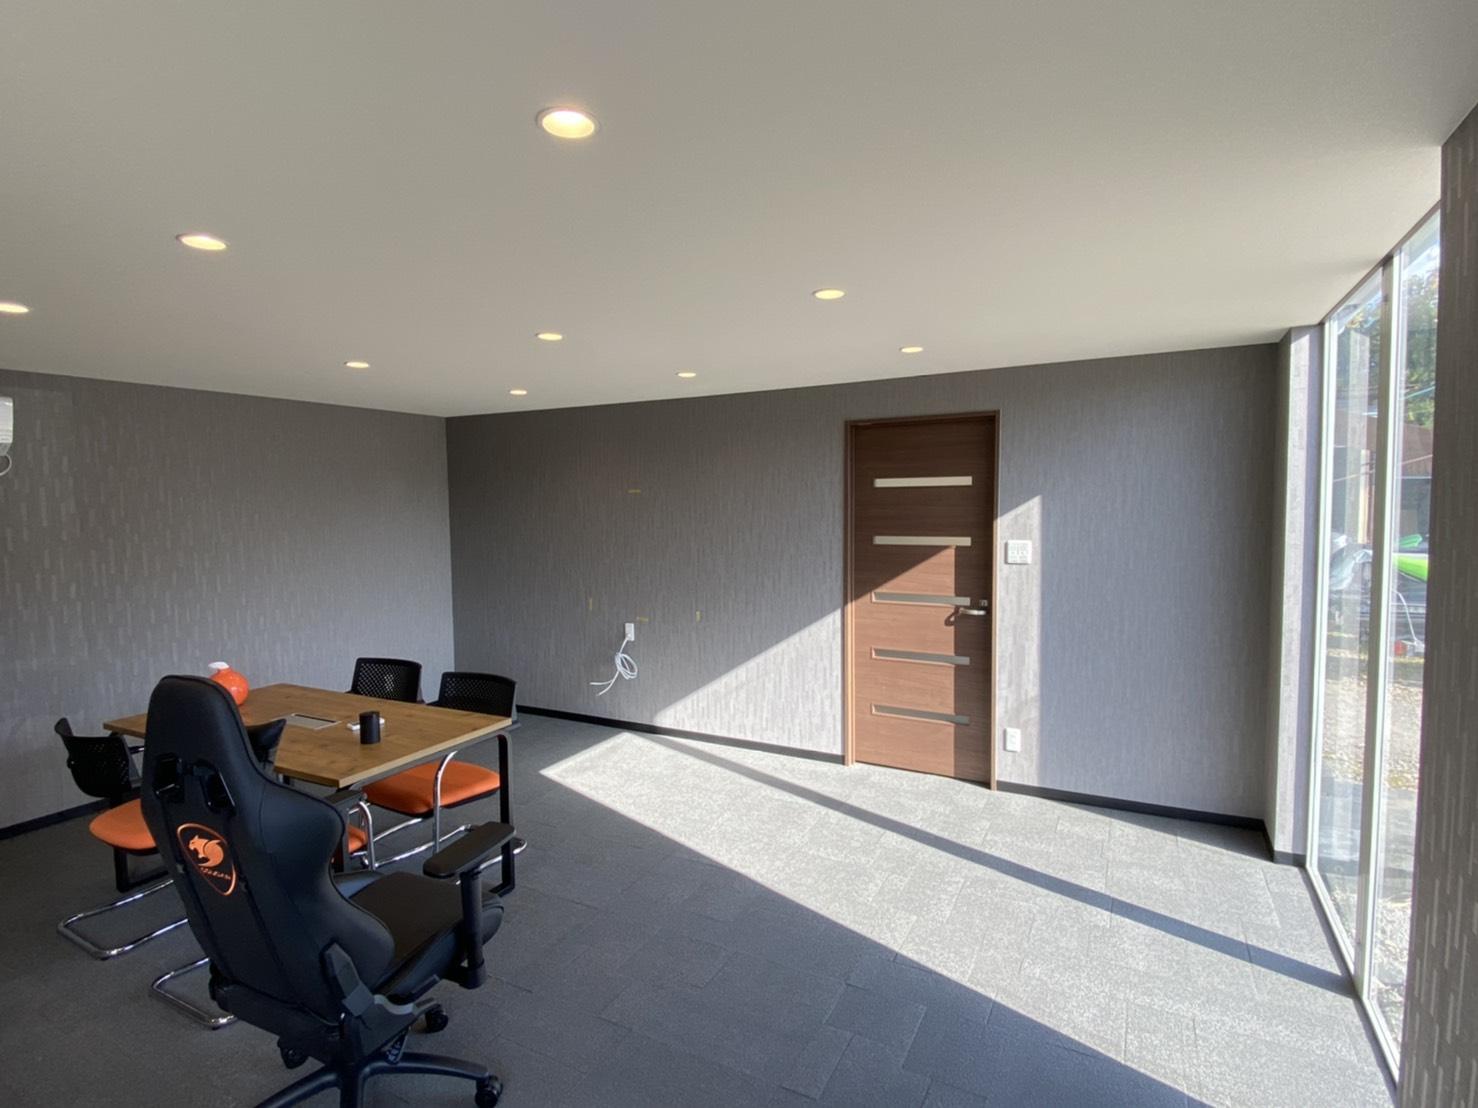 大分市内 T様 事務所内装工事画像